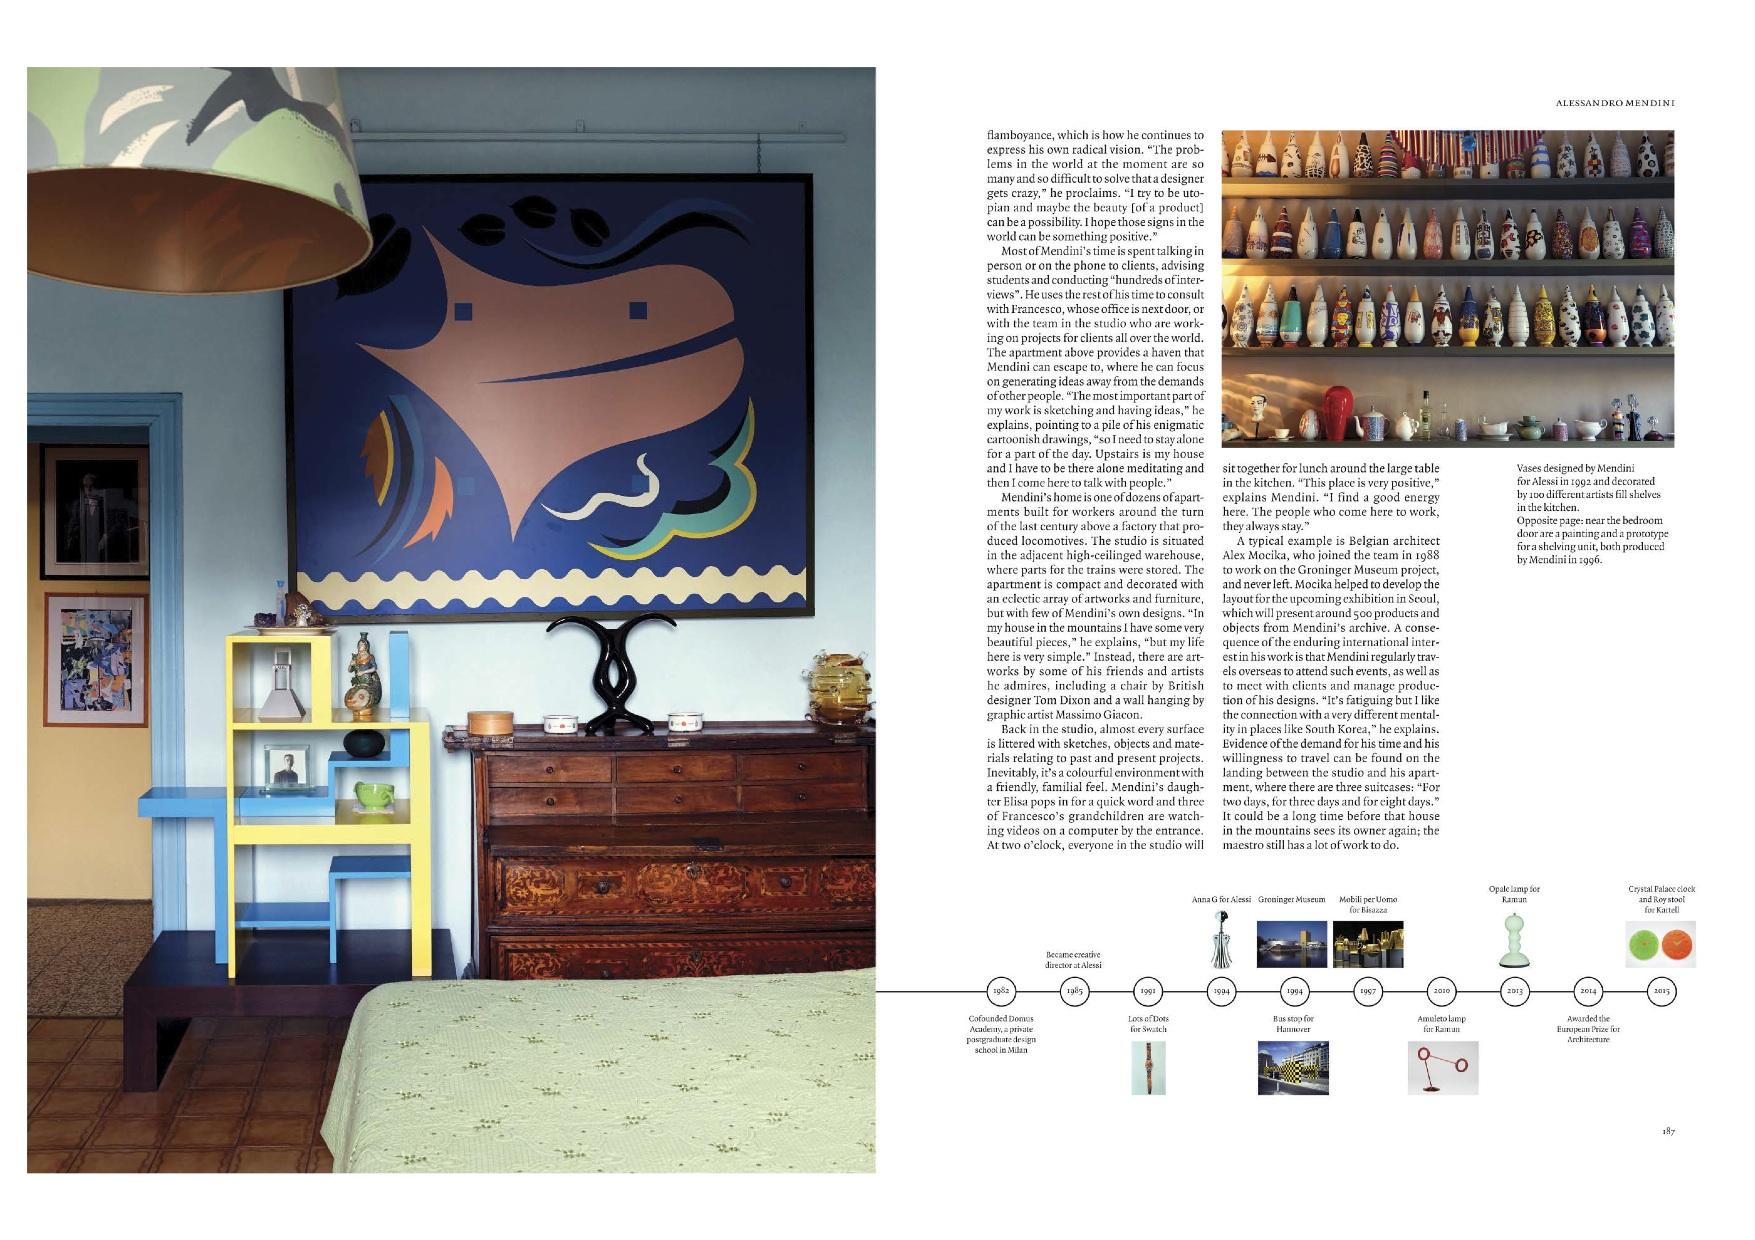 Port_Issue17_v2_Mendini_4.jpg